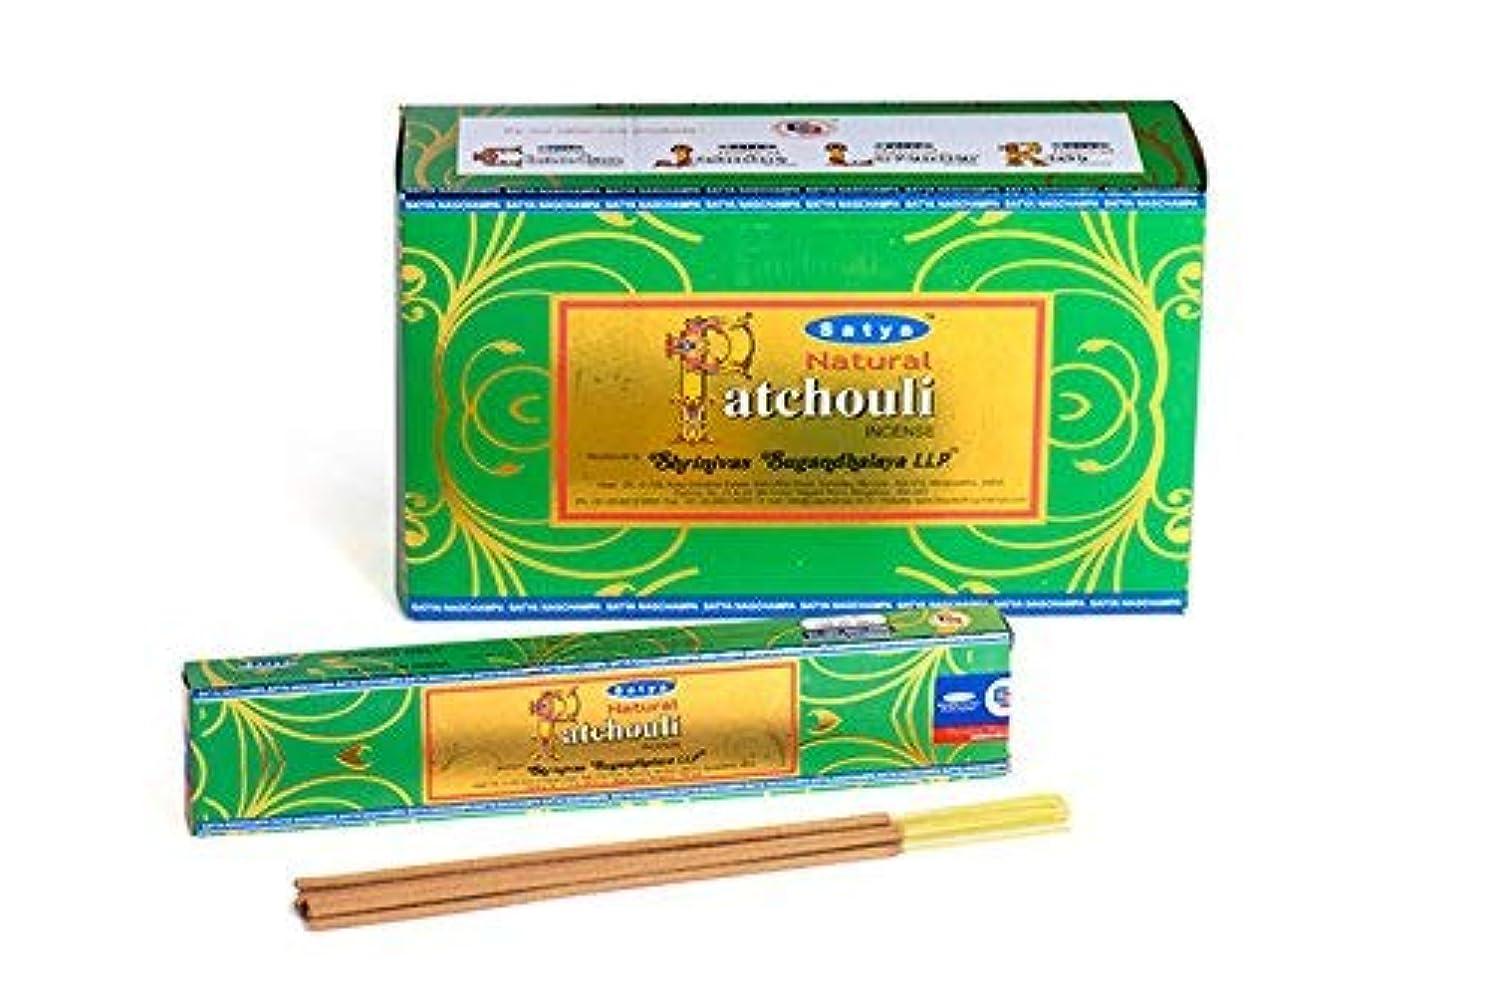 豊かなテクニカル粗いSatyaナチュラルPatchouli Incense Sticks 15グラムパック、12カウントin aボックス